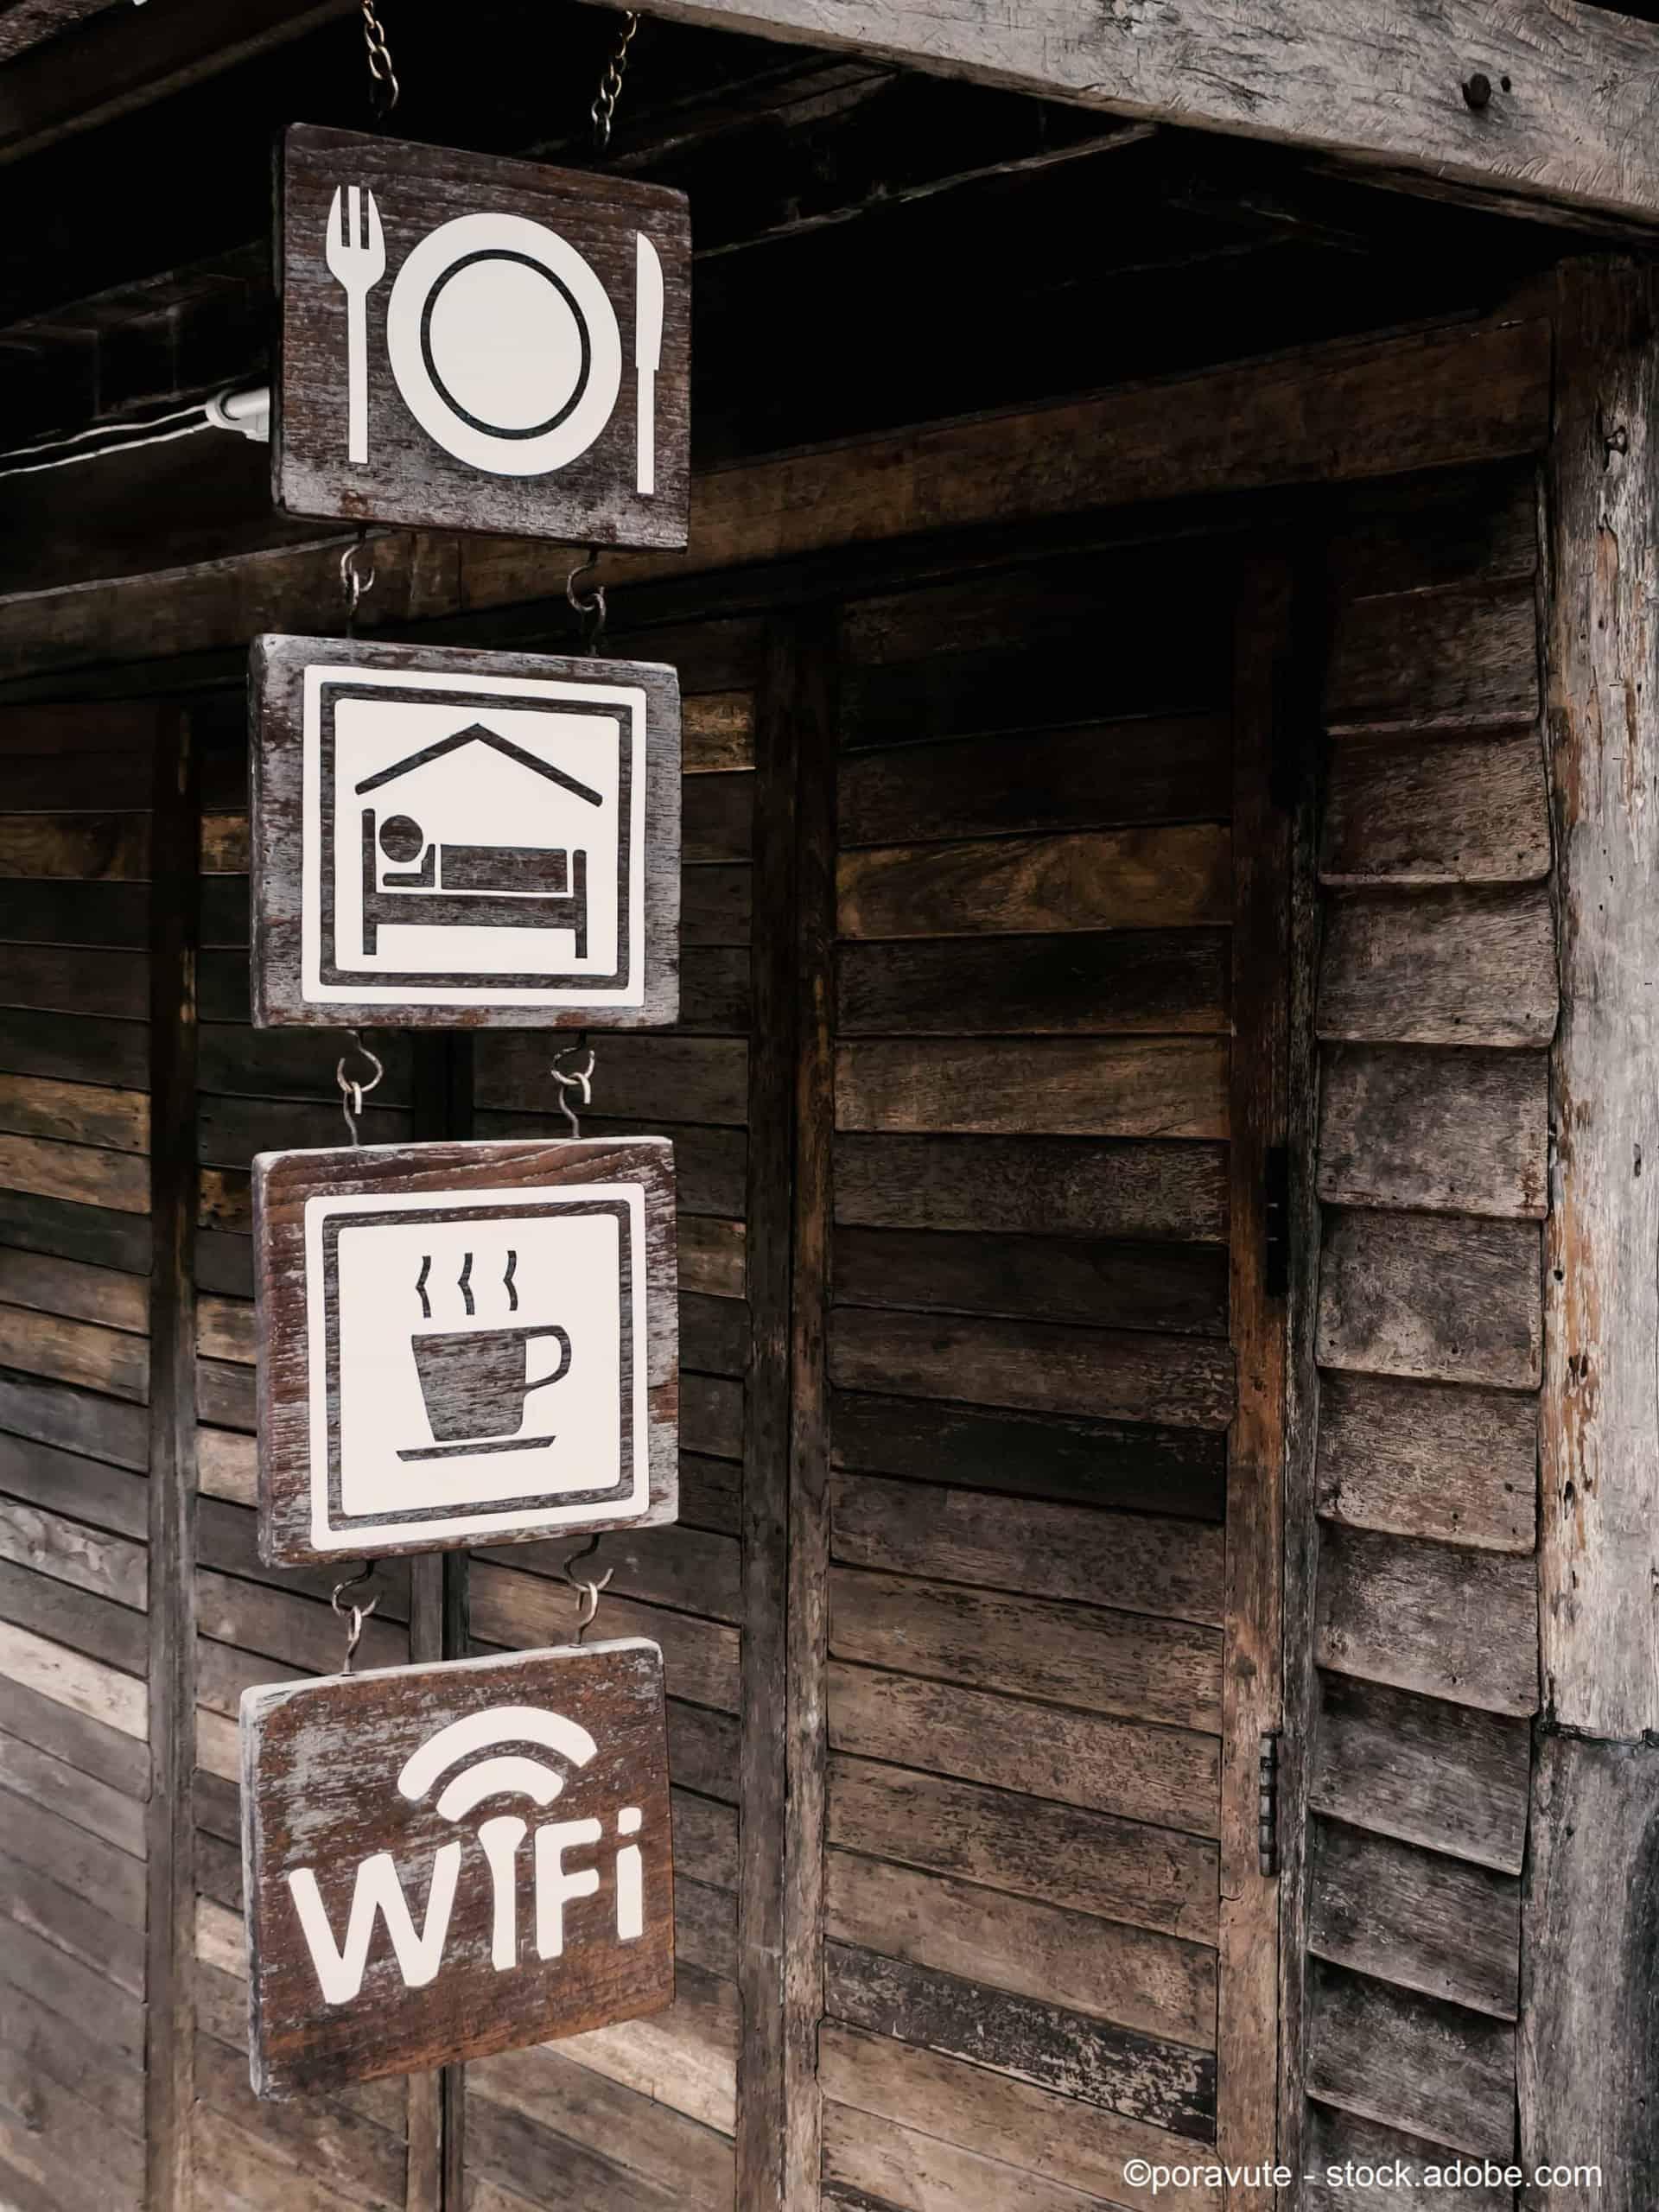 WLAN Hotspot WiFi Lösungen Hotels, Gaszugang Pensionen Aplas IT verstärken